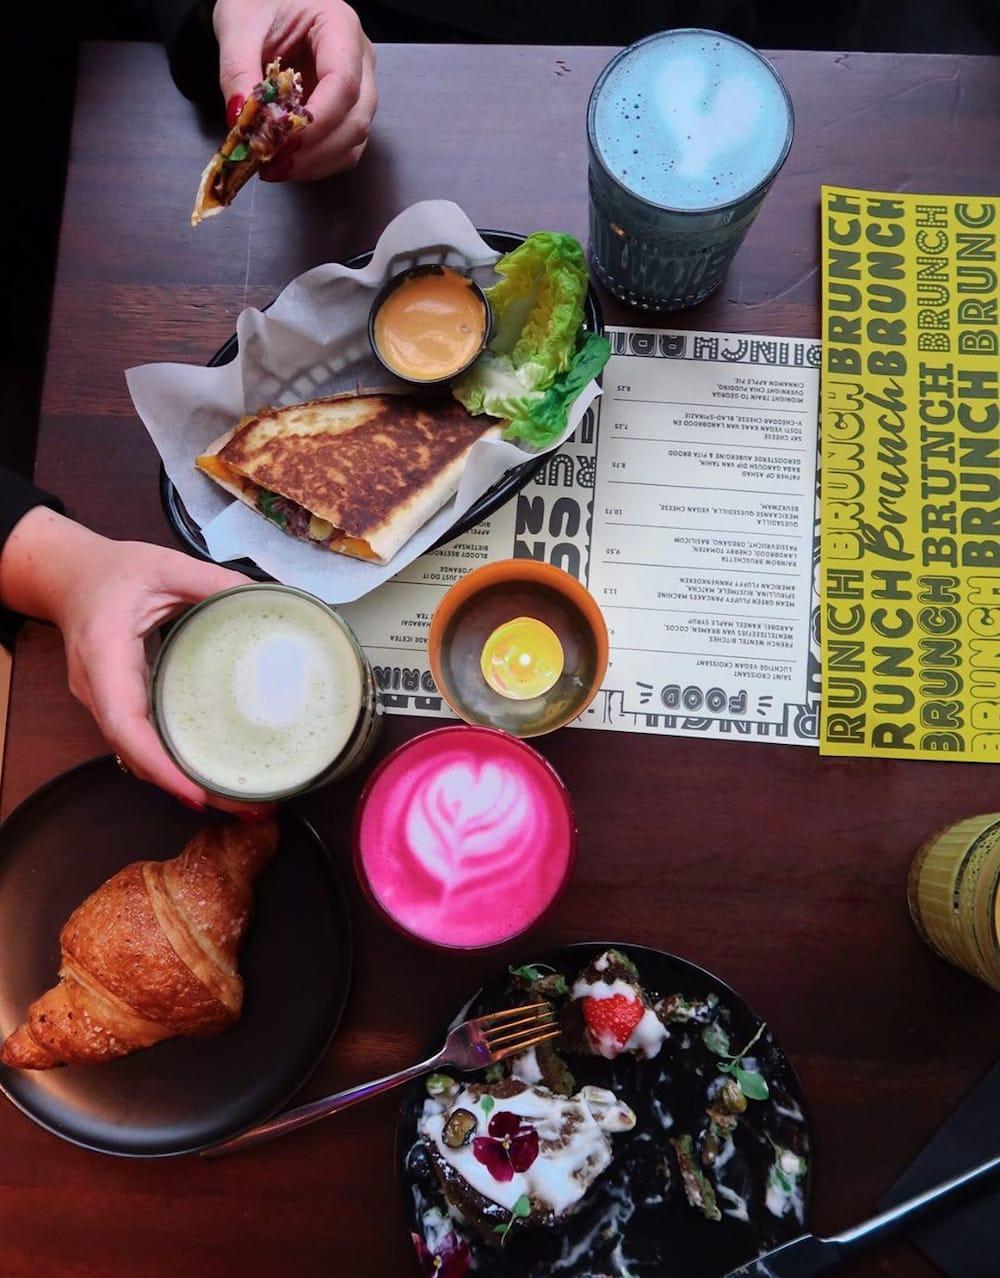 Bij Dumbo eet je vegan zoals je dat nooit eerder hebt gedaan. Ze serveren hier heerlijke gerechtjes voor het diner en hebben het menu uitgebreid met brunch gerechten. Croissants, wentelteefjes, quesadilla, tosti's... Allemaal 100% plant-based en het verschil zal je amper merken!